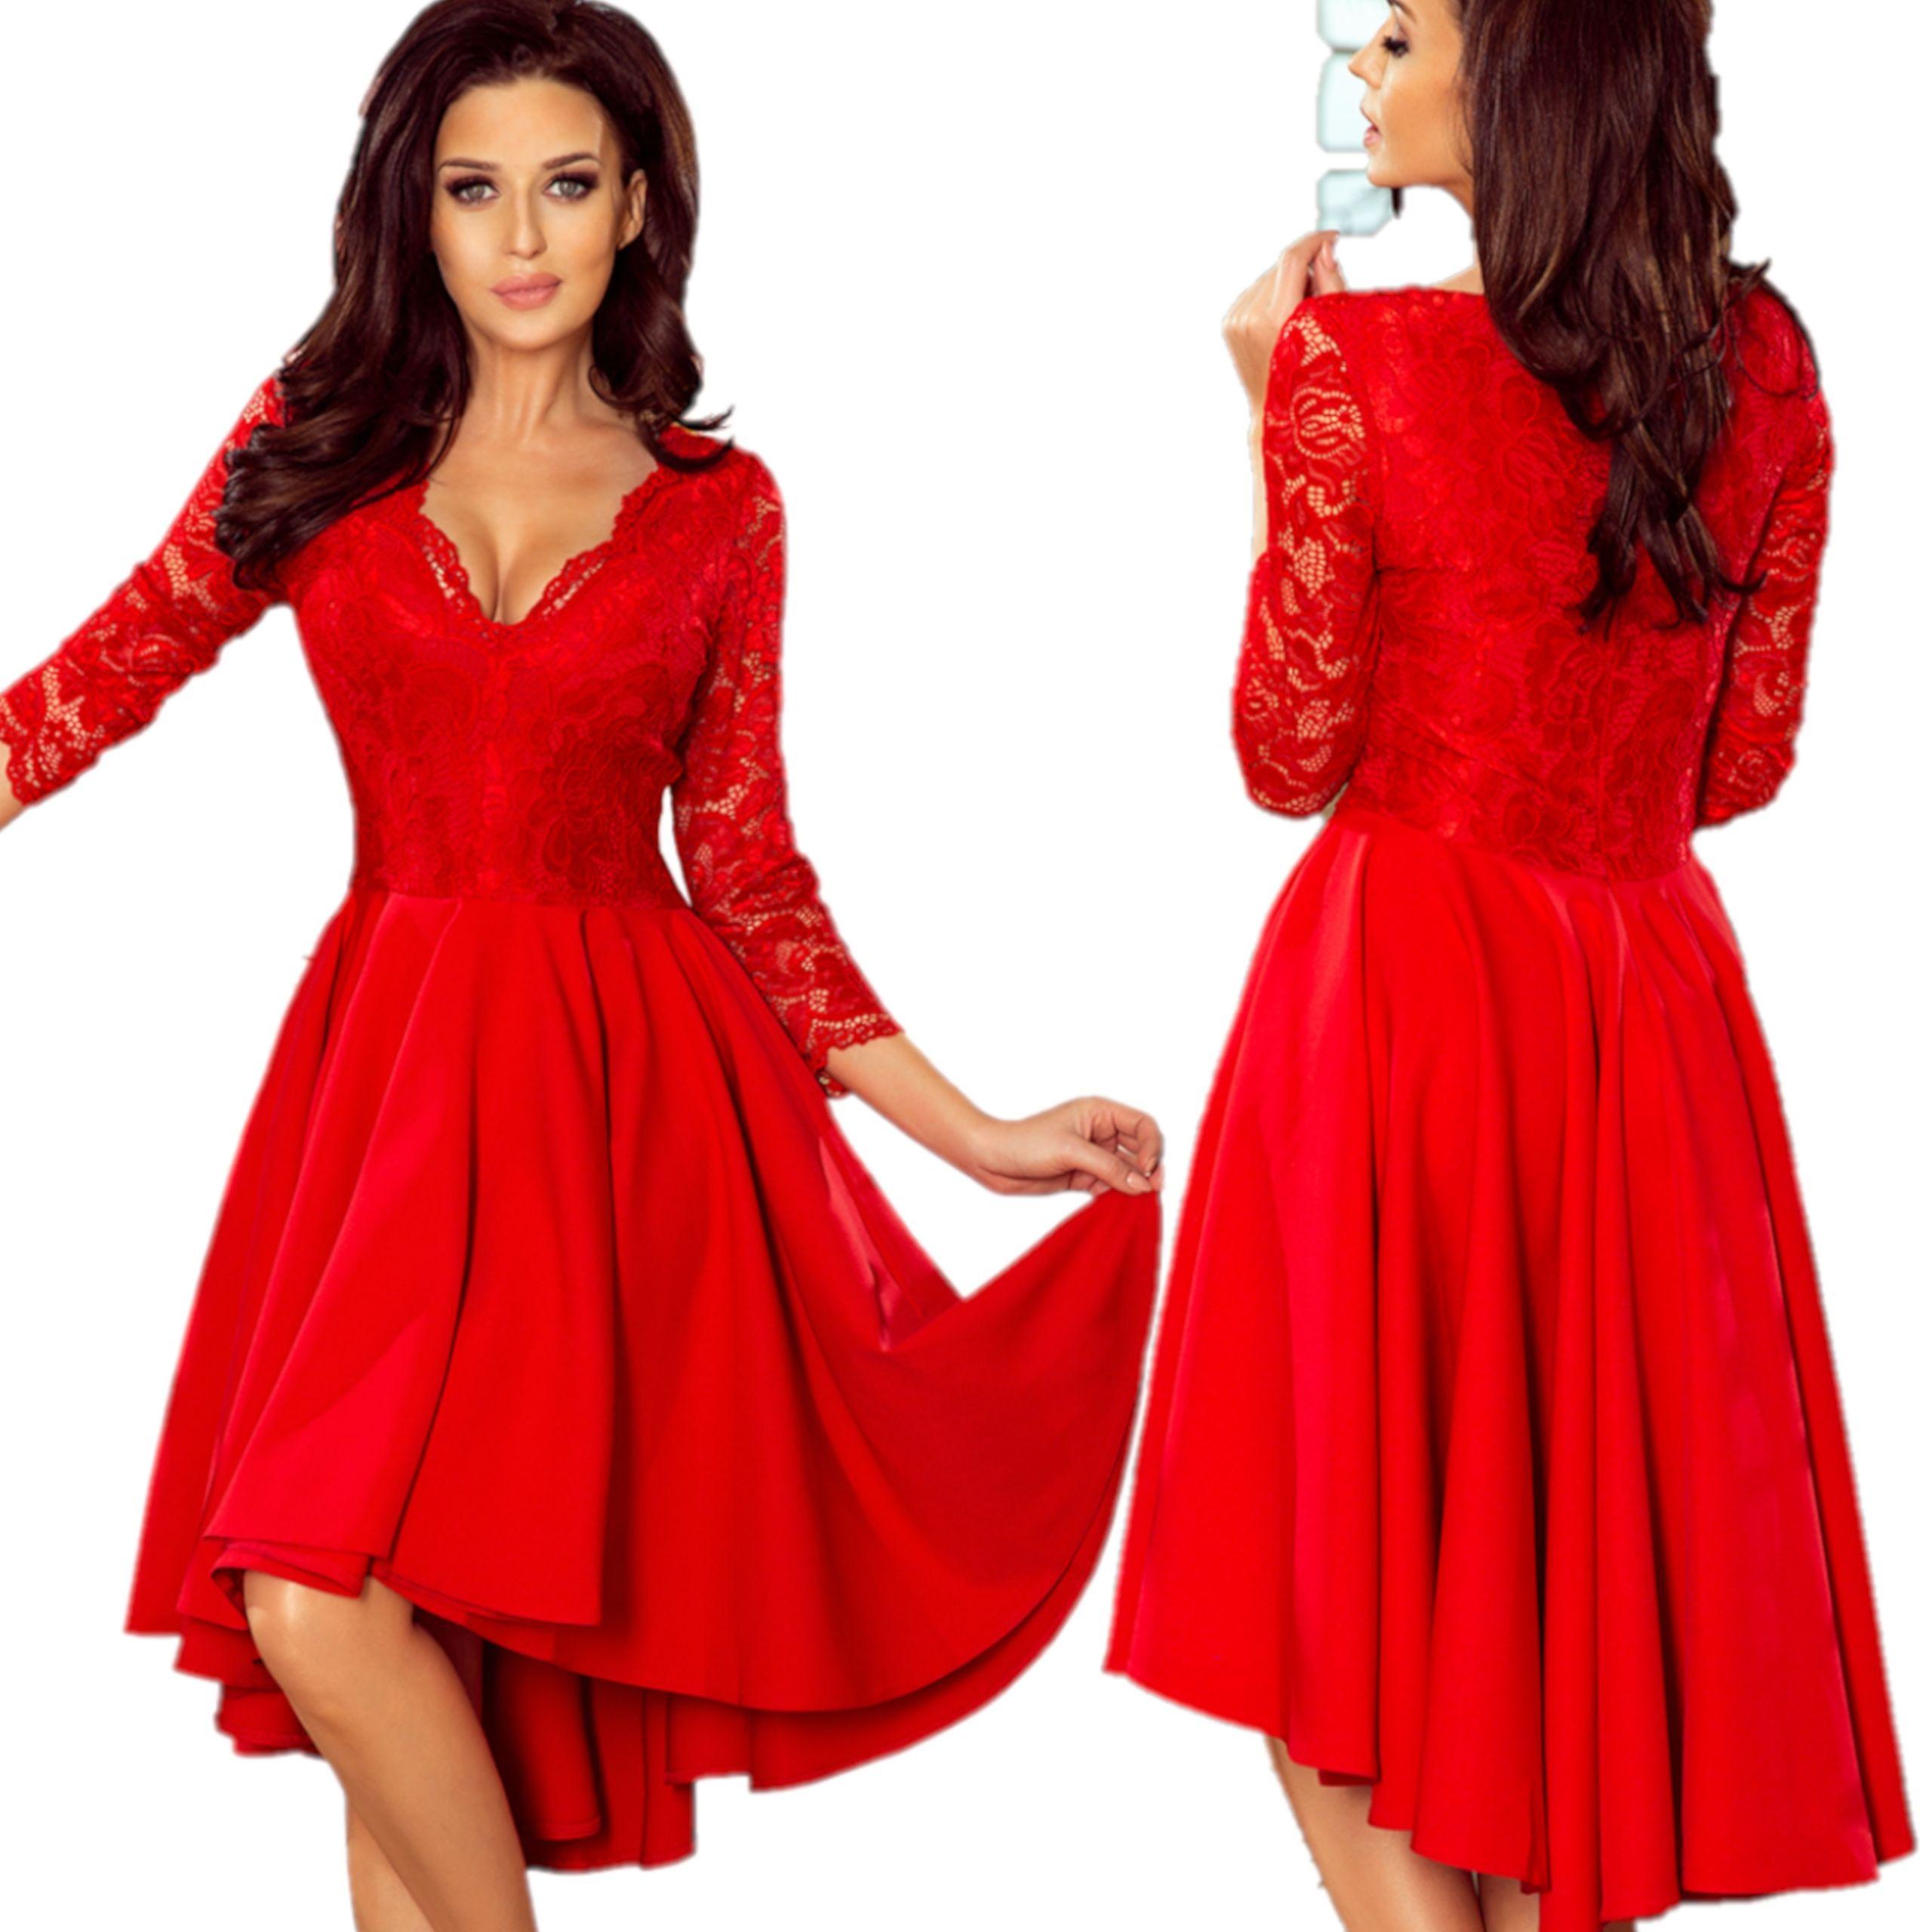 4cac47fbb9 Modna rozkloszowana Sukienka wesele 210-6 XXL 44 7879793234 - Allegro.pl